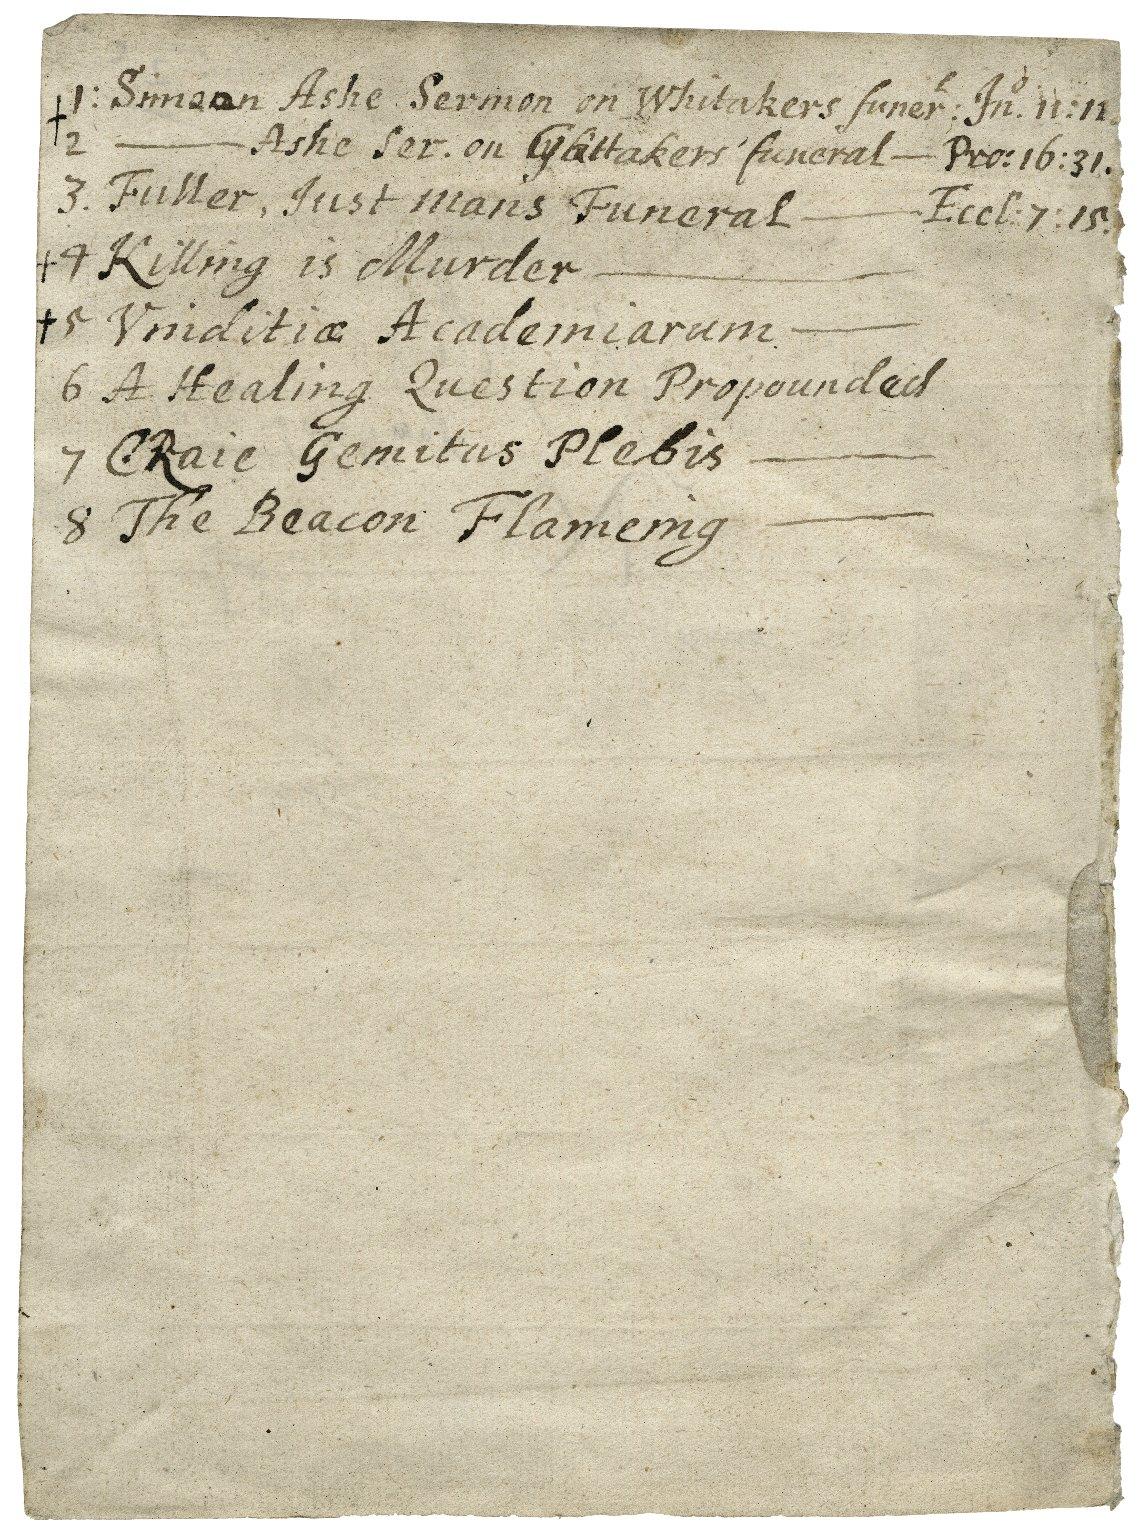 Bookbindings [manuscript], ca. 1650-1725.